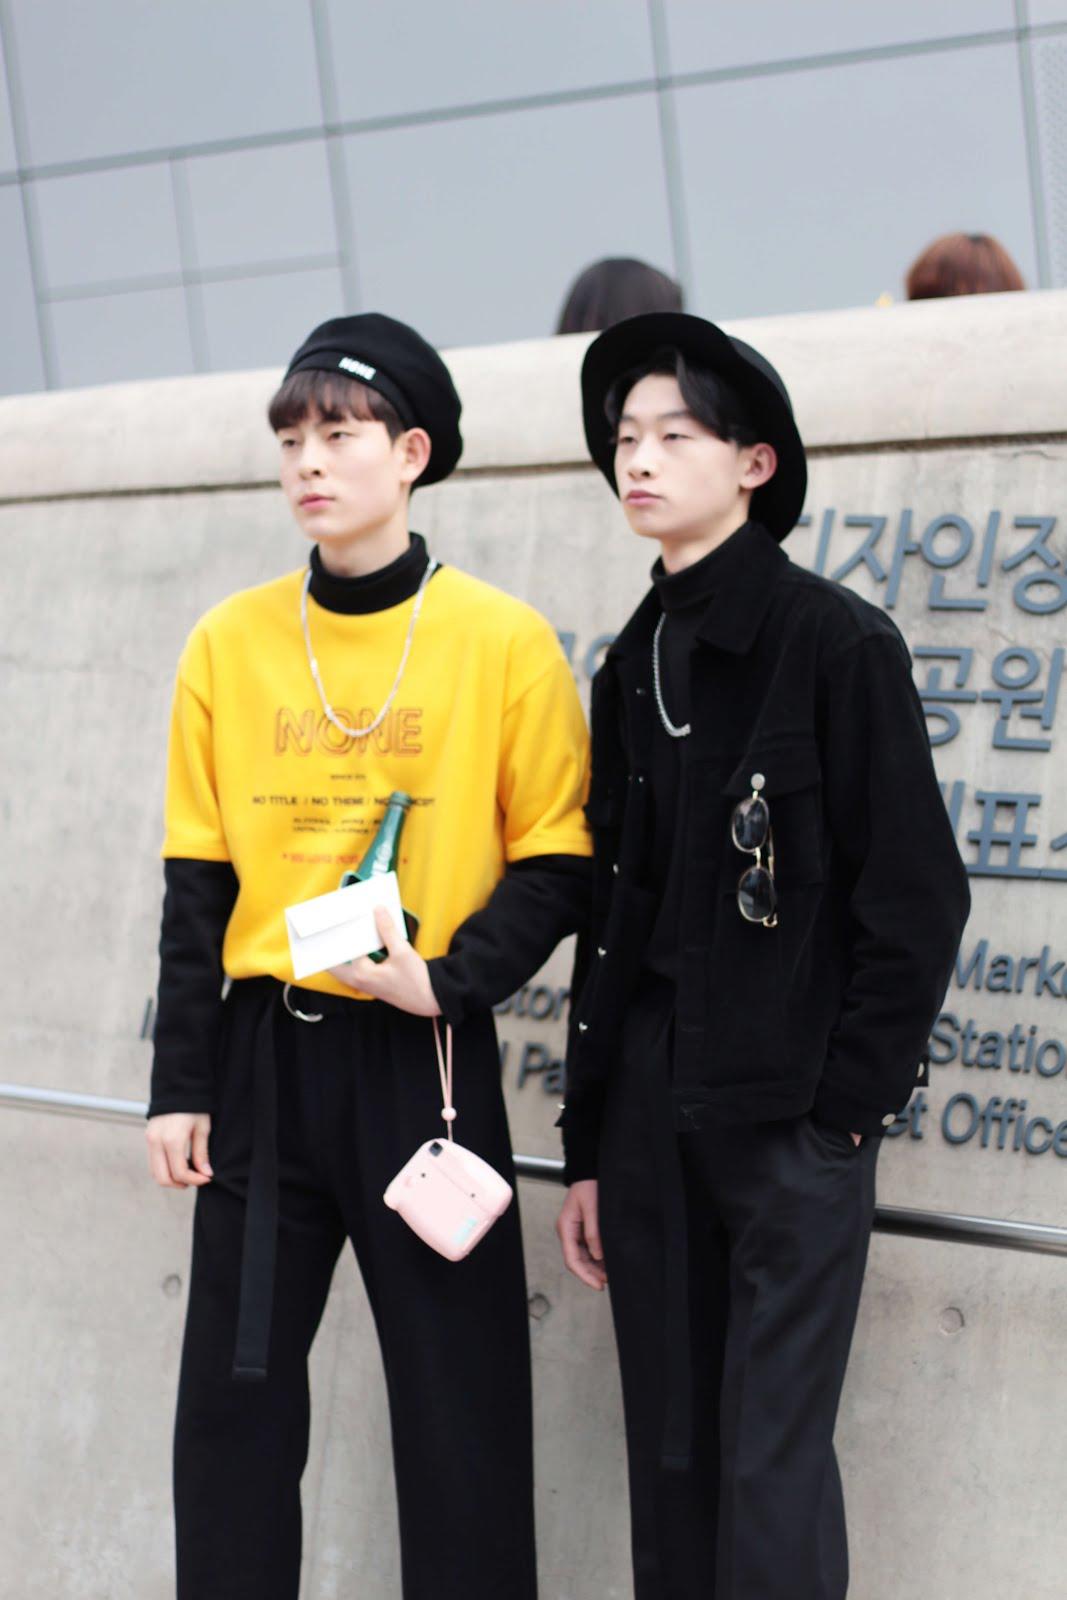 headwear at seoul fashion week